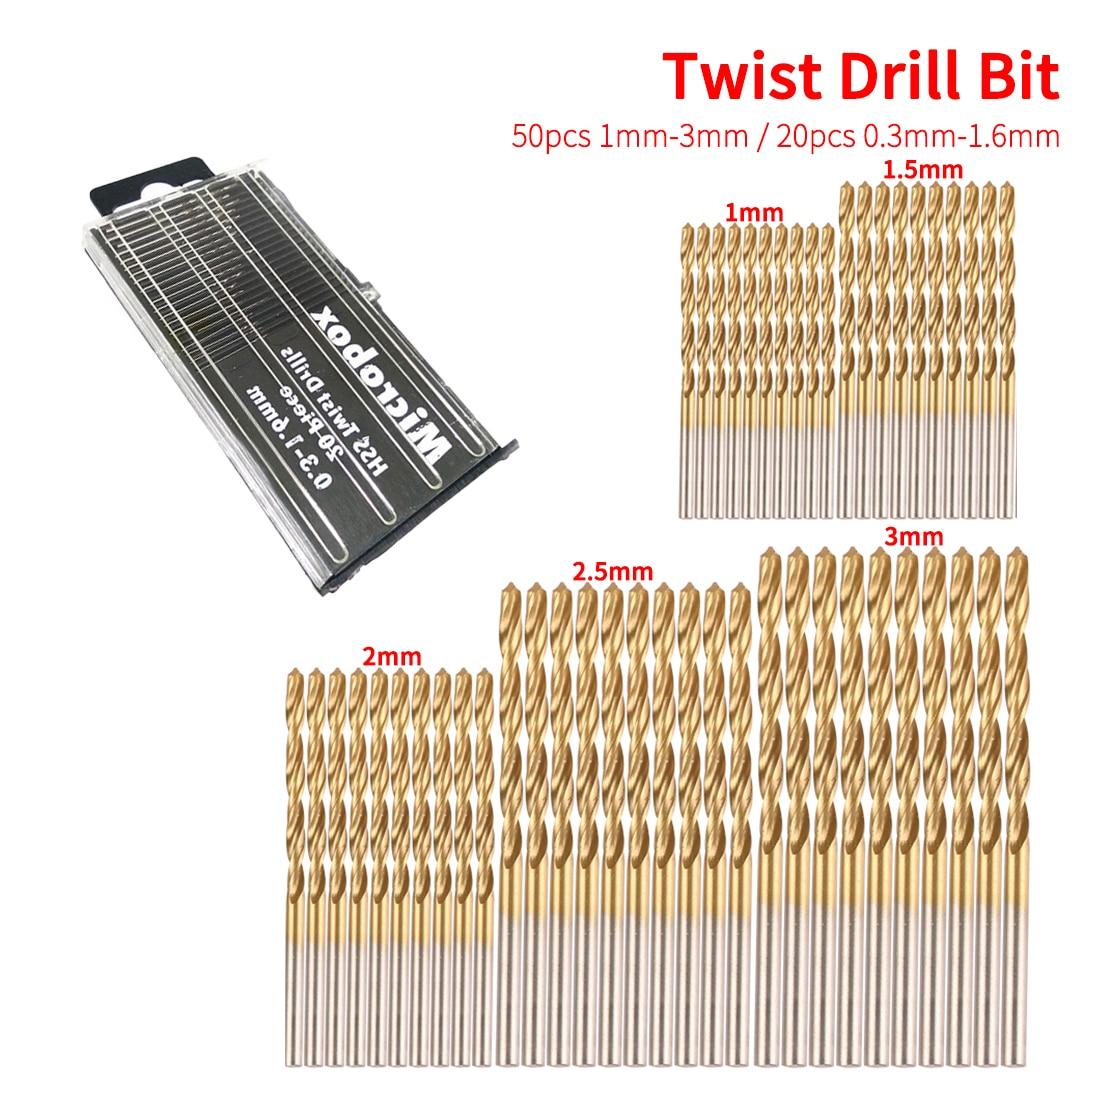 Titanium Coated 50pcs 1/1.5/2/2.5/3mm HSS Twist Drill Bit Set Tool Twist Drill Bit Woodworking Tools For Plastic Metal Wood